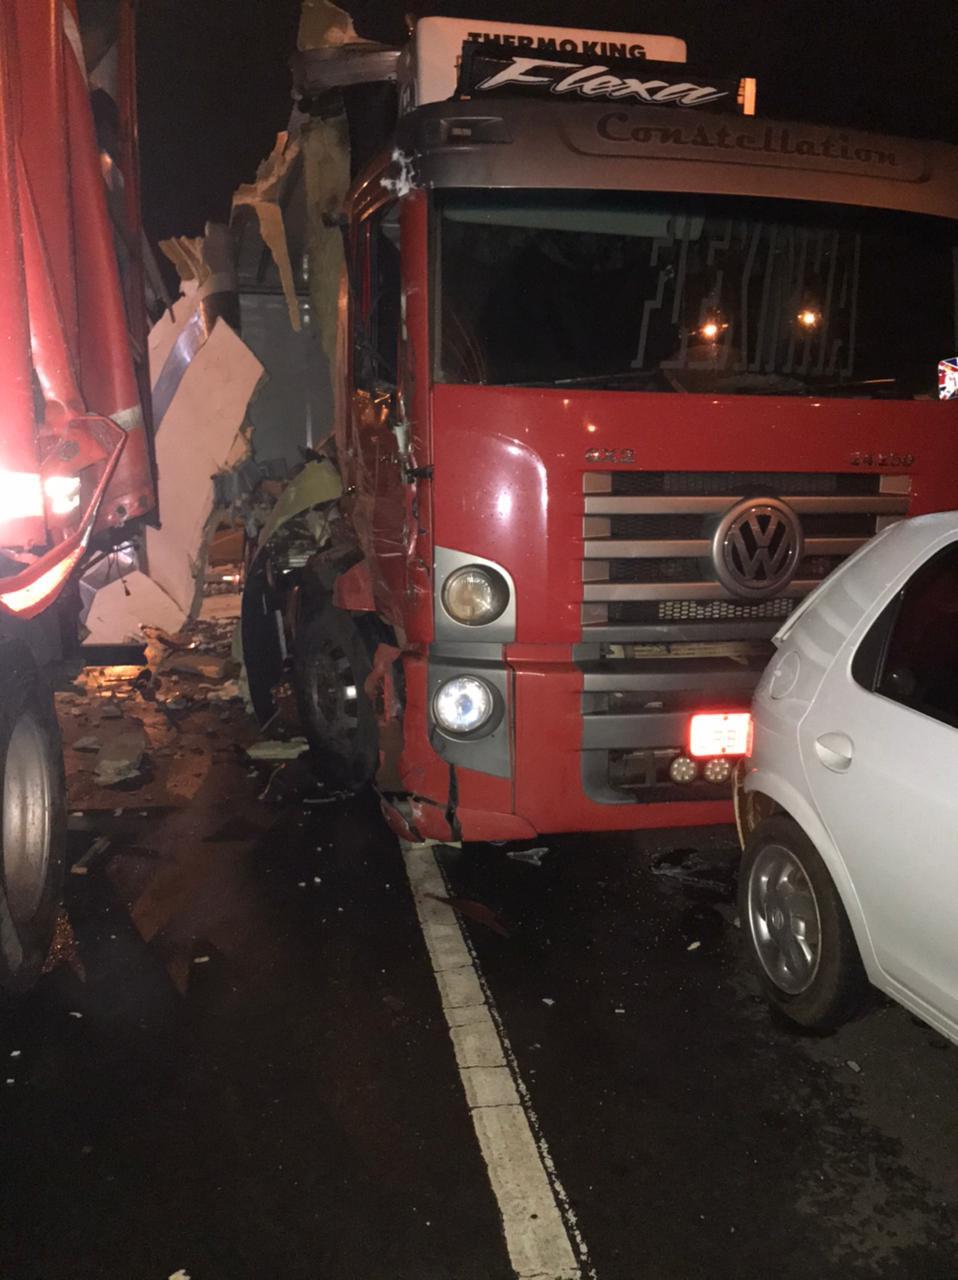 Por conta da chuva, o trânsito estava lento, o que contribuiu para acontecer o acidente